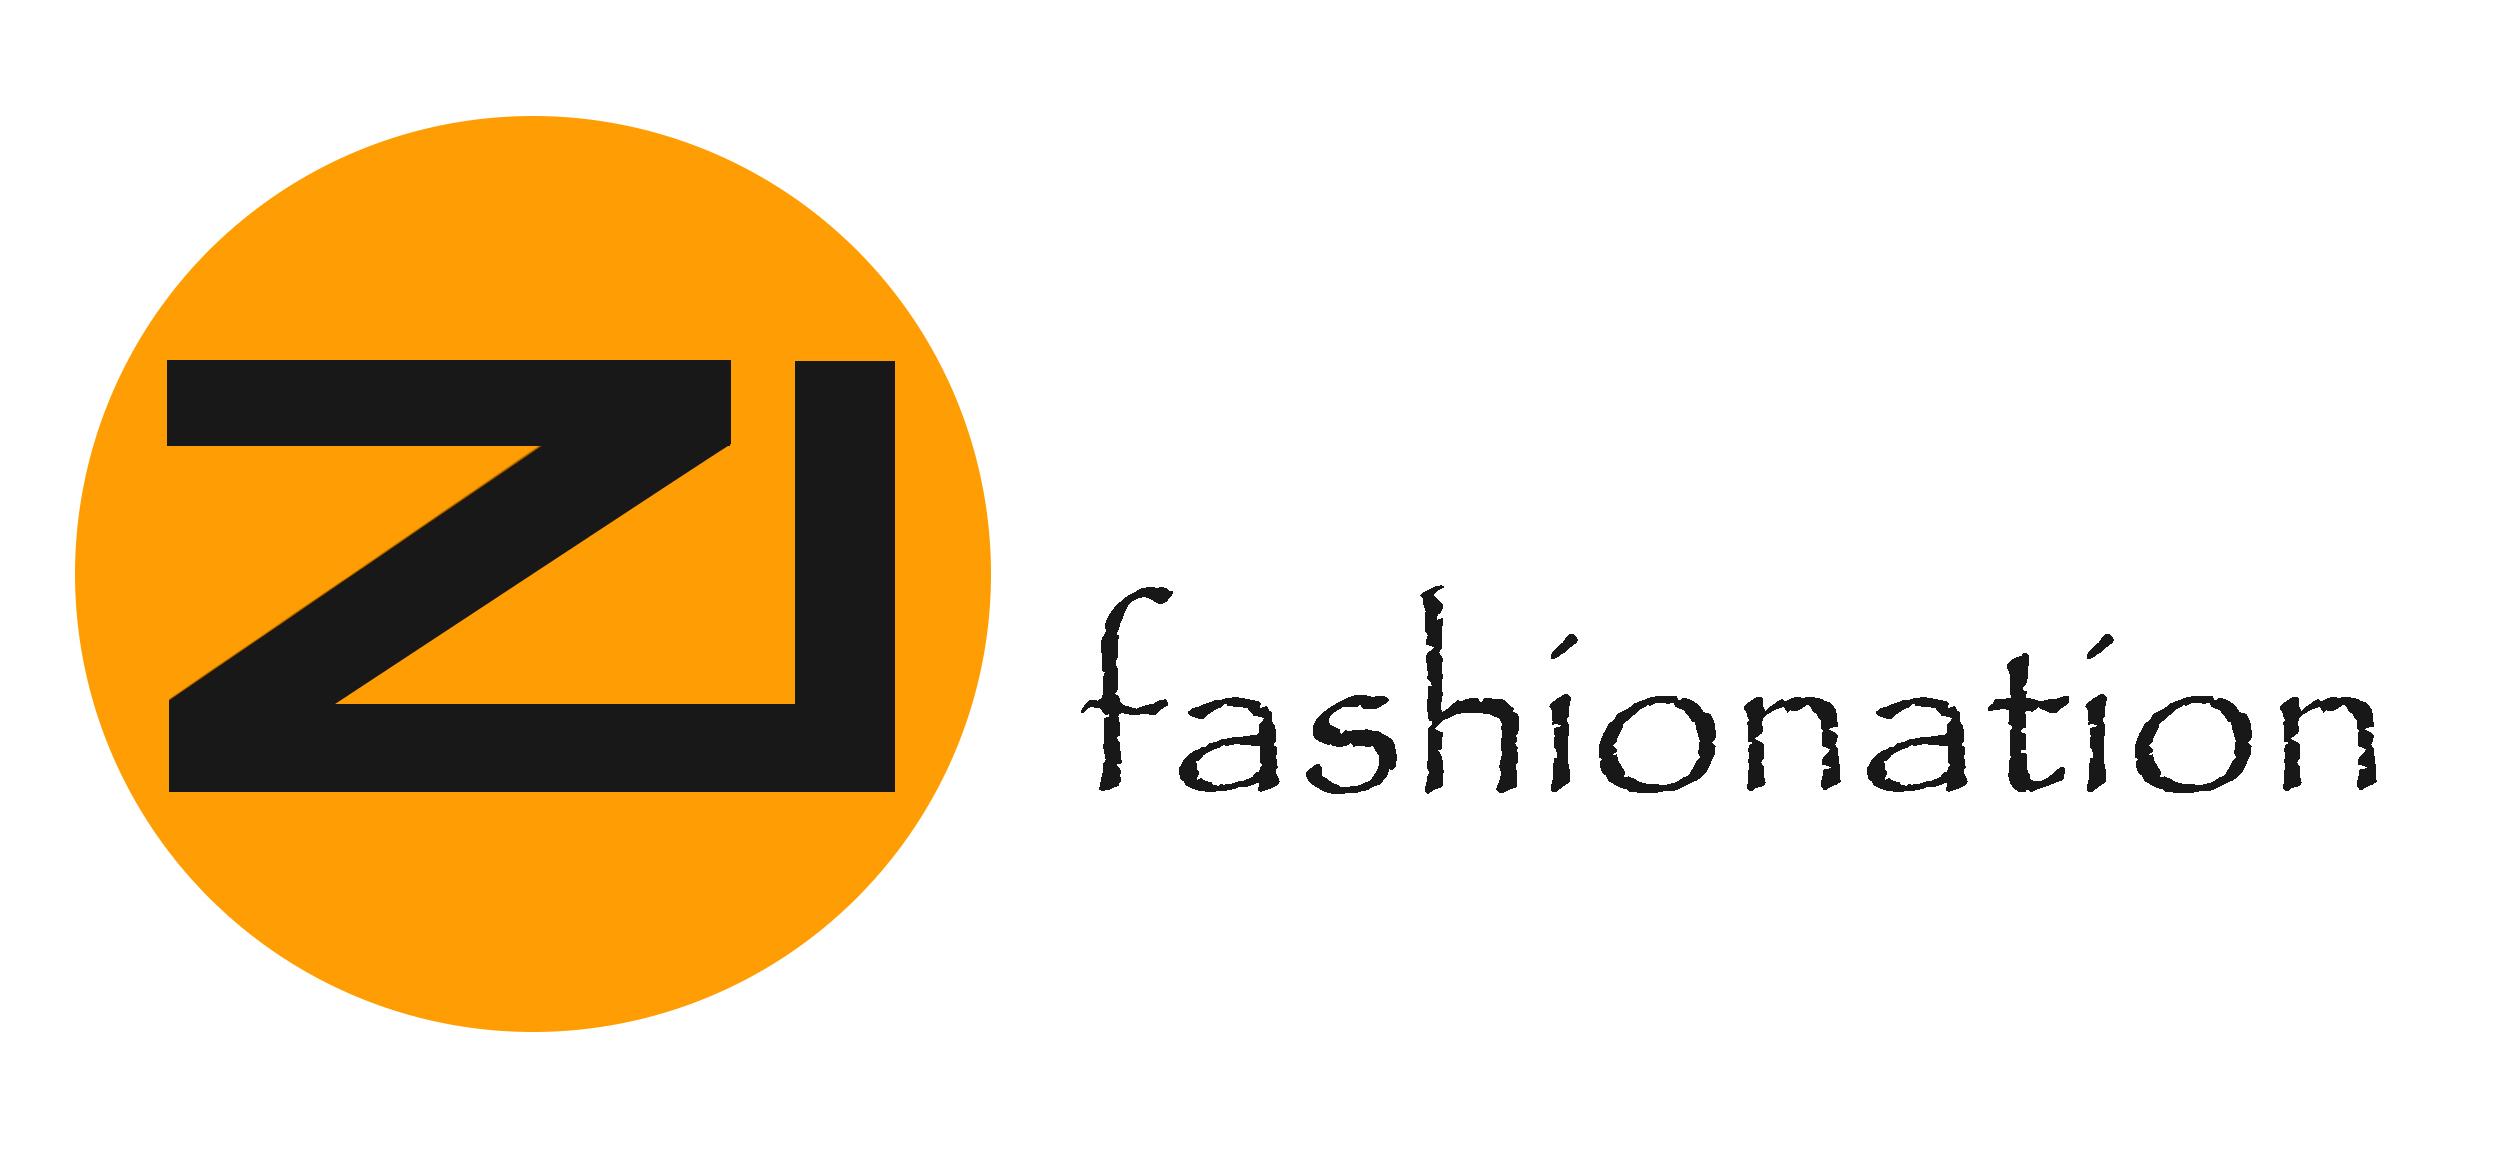 Zifashionation... interesujące koszulki handmade